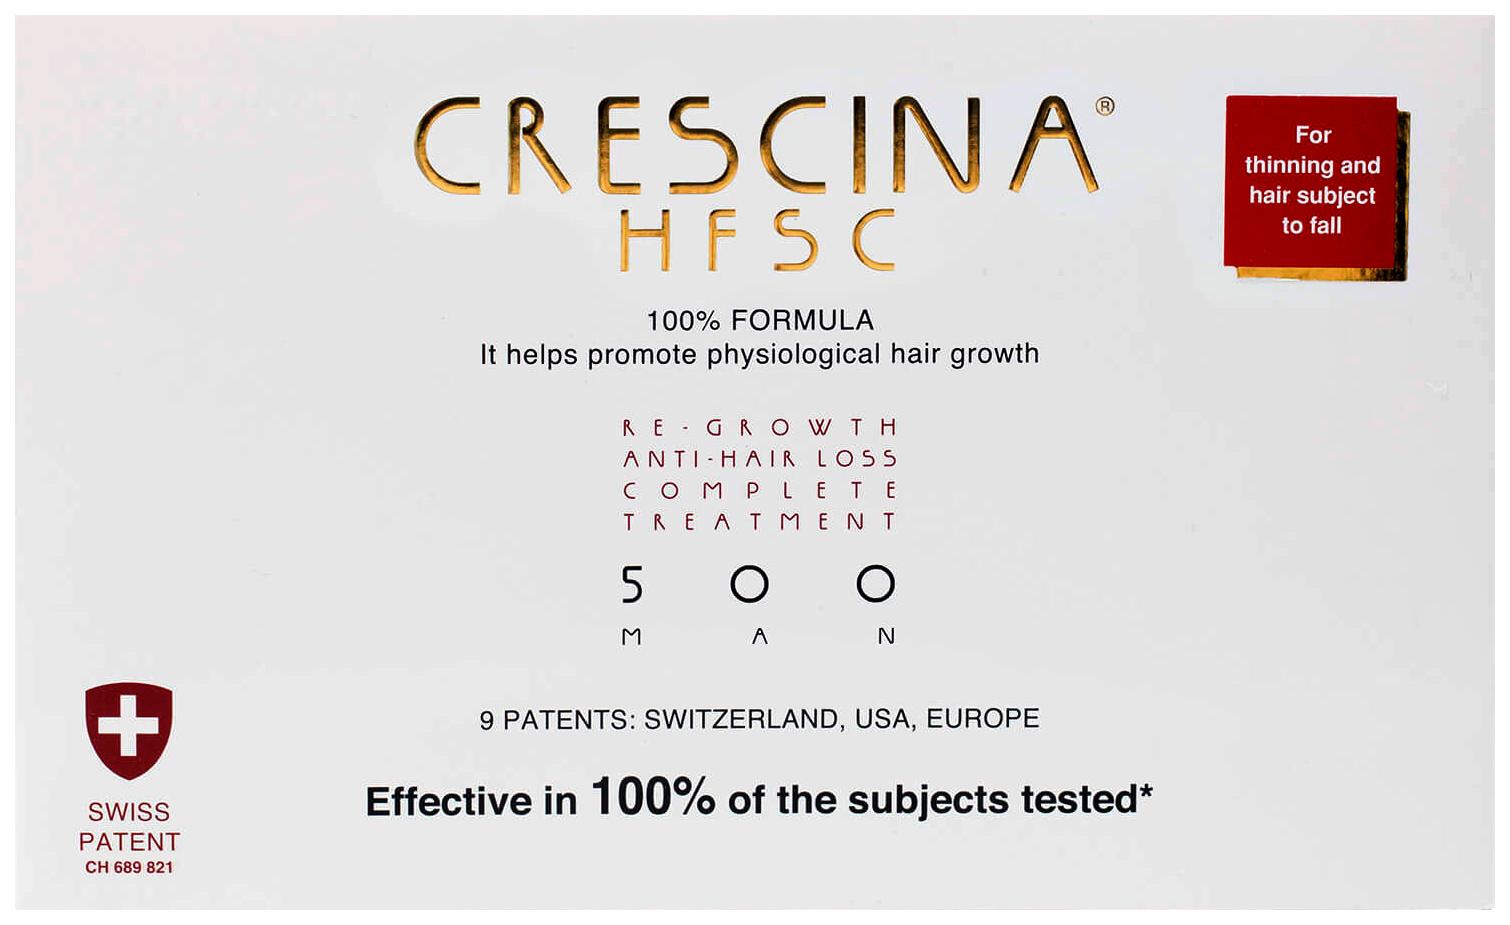 Купить Ампулы для волос Crescina 500 для стимулирования роста волос для мужчин №10+лосьон, Комплекс 500 HFSC 100% для стимулирования роста волос для мужчин